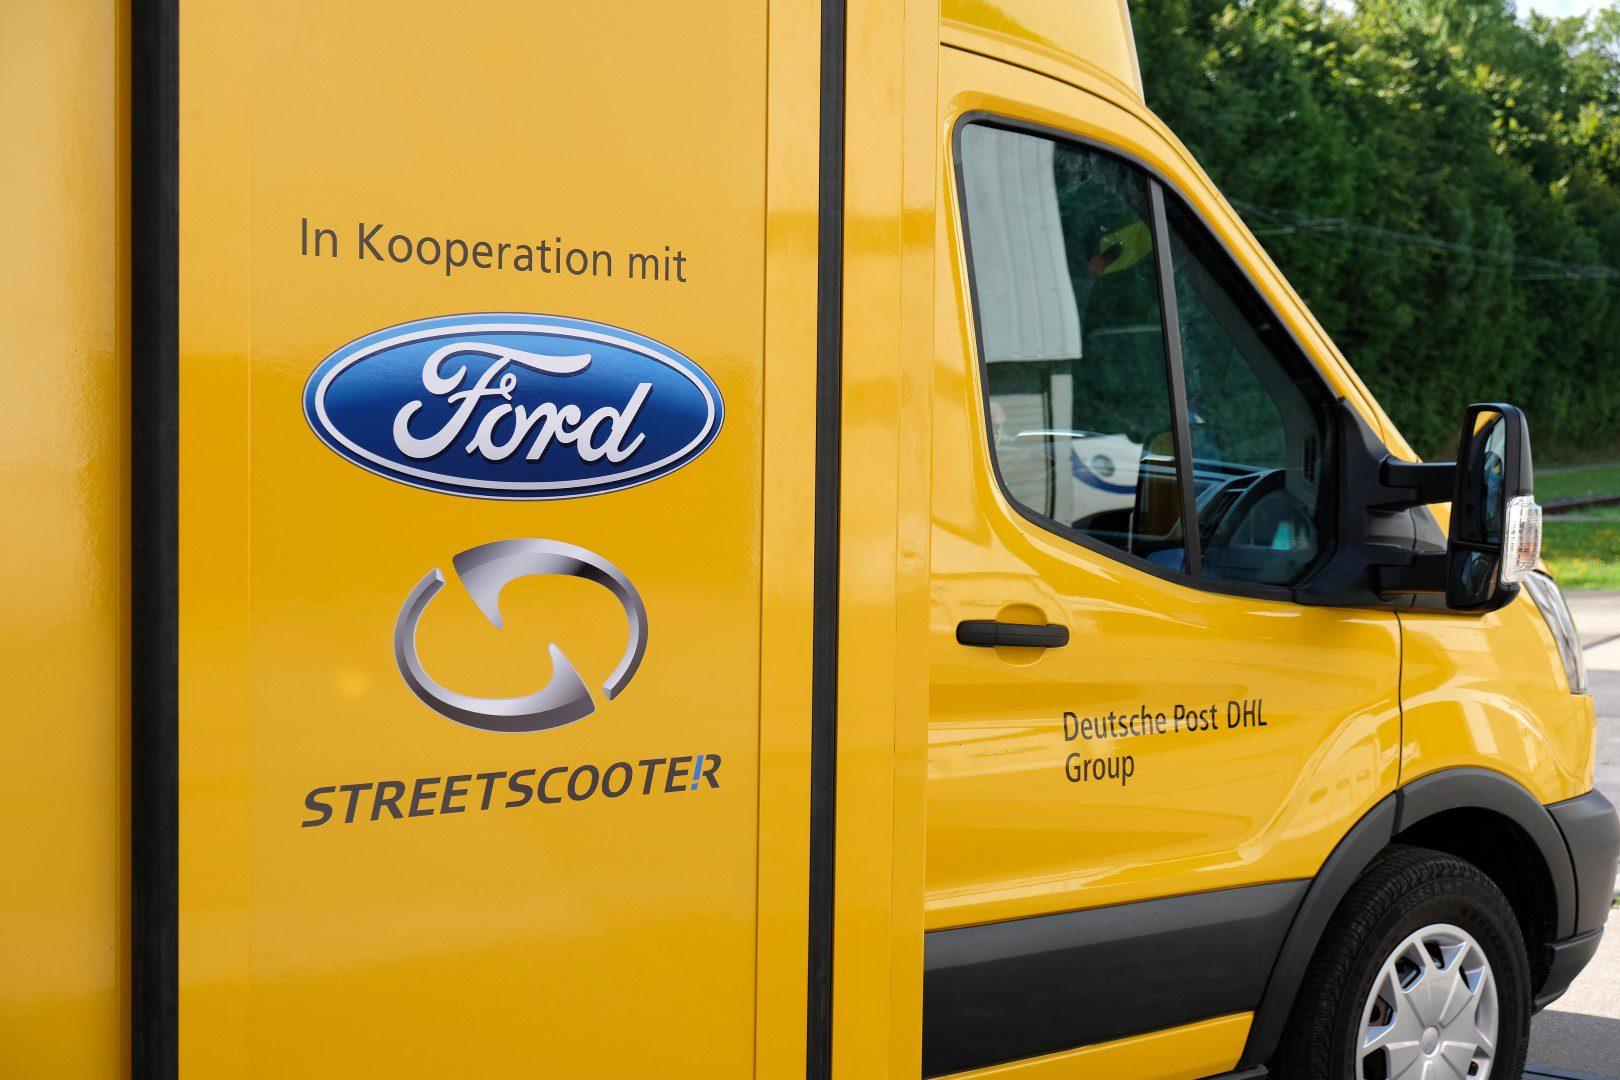 Elektrische Ford Bedrijfswagen Voor Deutsche Post Dhl Dagelijksauto Nl